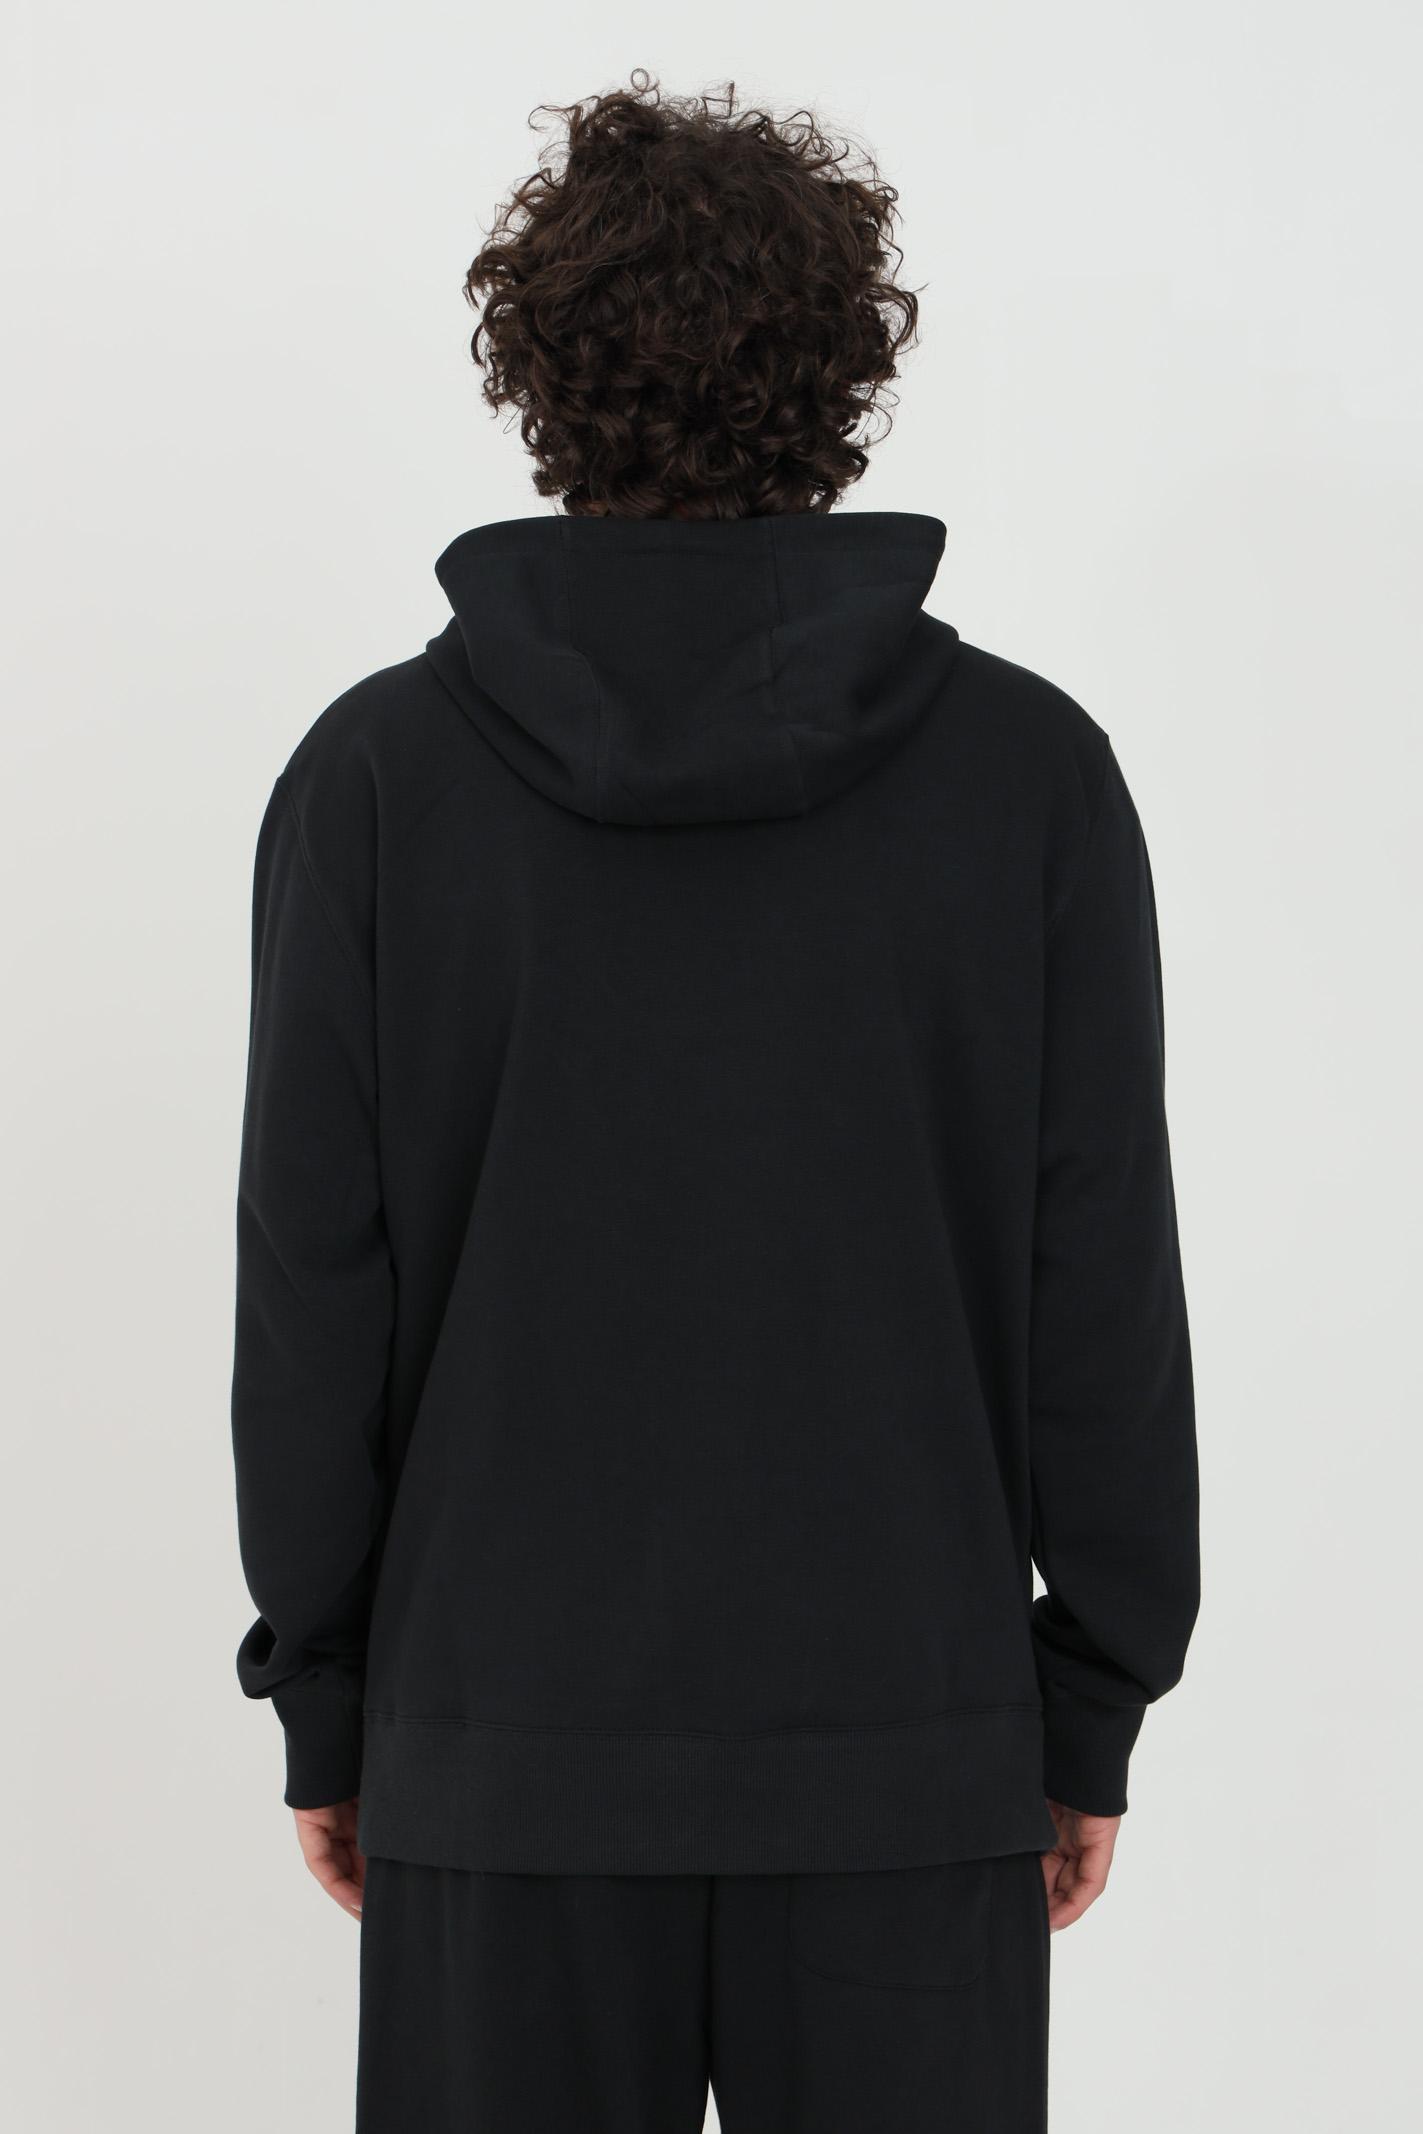 Felpa unisex nero New Balance con cappuccio e logo frontale stampato NEW BALANCE | Felpe | MT11550BK..